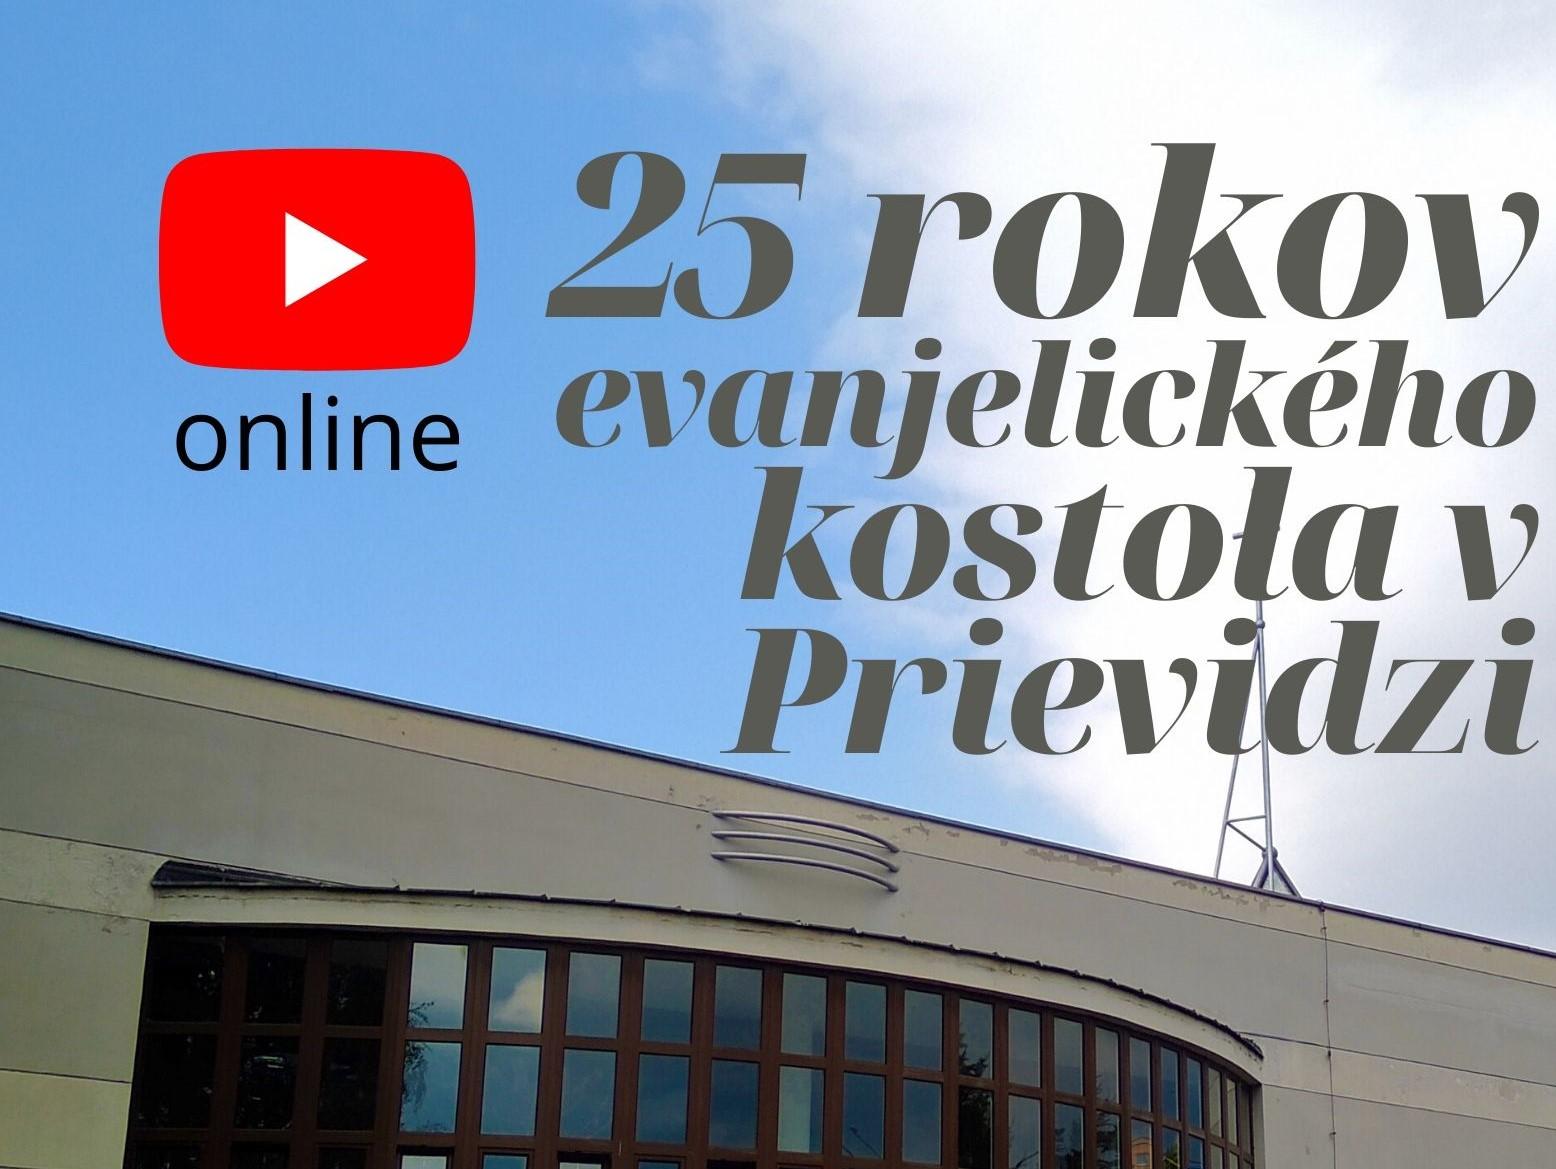 Živý prenos zo služieb Božích pri príležitosti 25. výročia posvätenia kostola v Prievidzi.